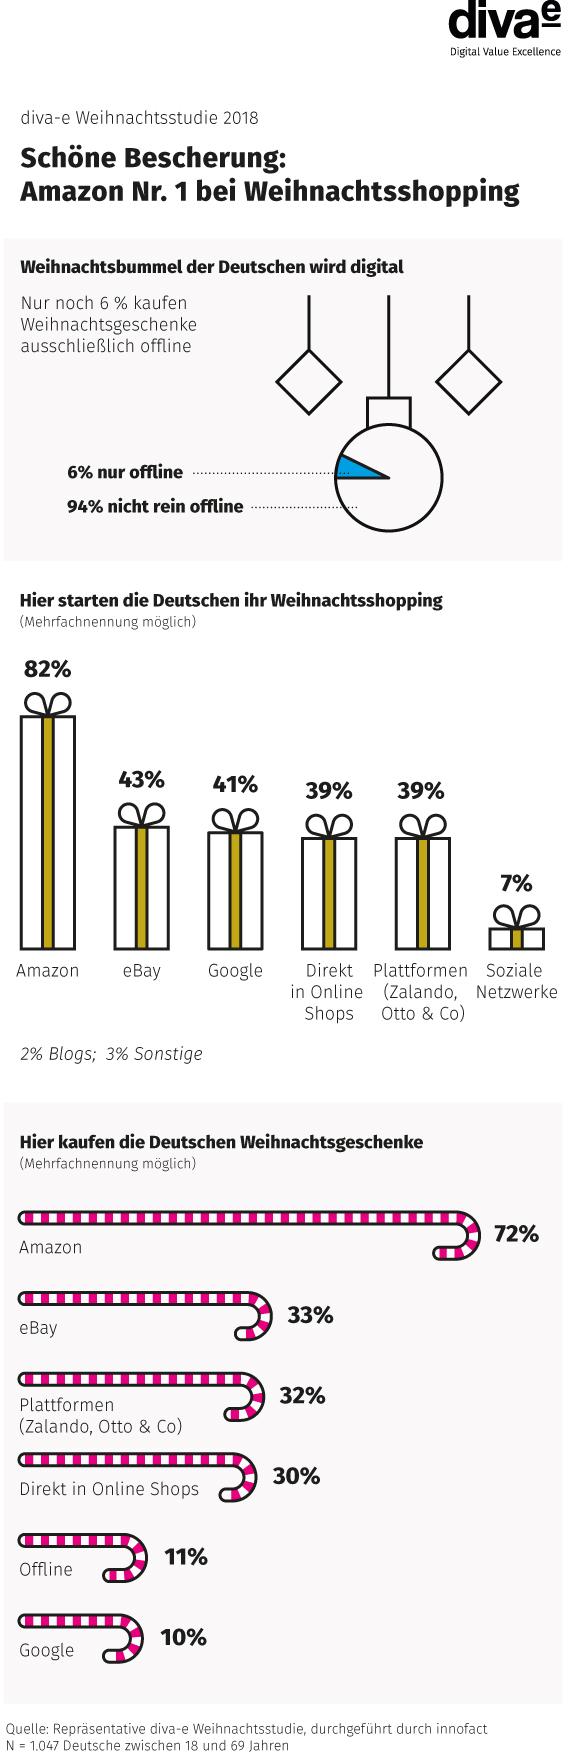 auf welchen plattformen die deutschen weihnachtsgeschenke suchen und kaufen. Black Bedroom Furniture Sets. Home Design Ideas